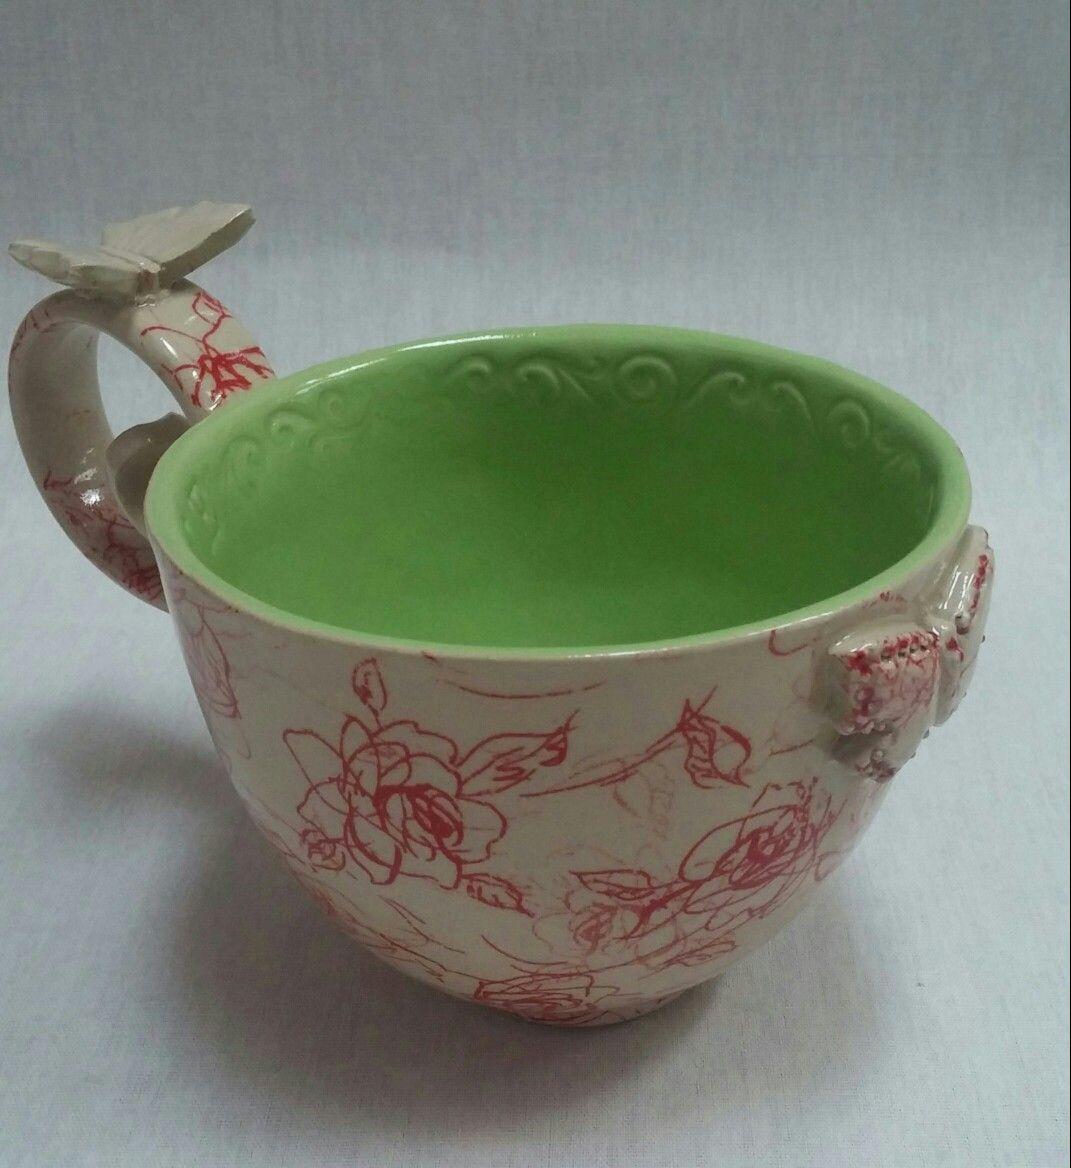 ramonahinneburgohneisser\ceramics